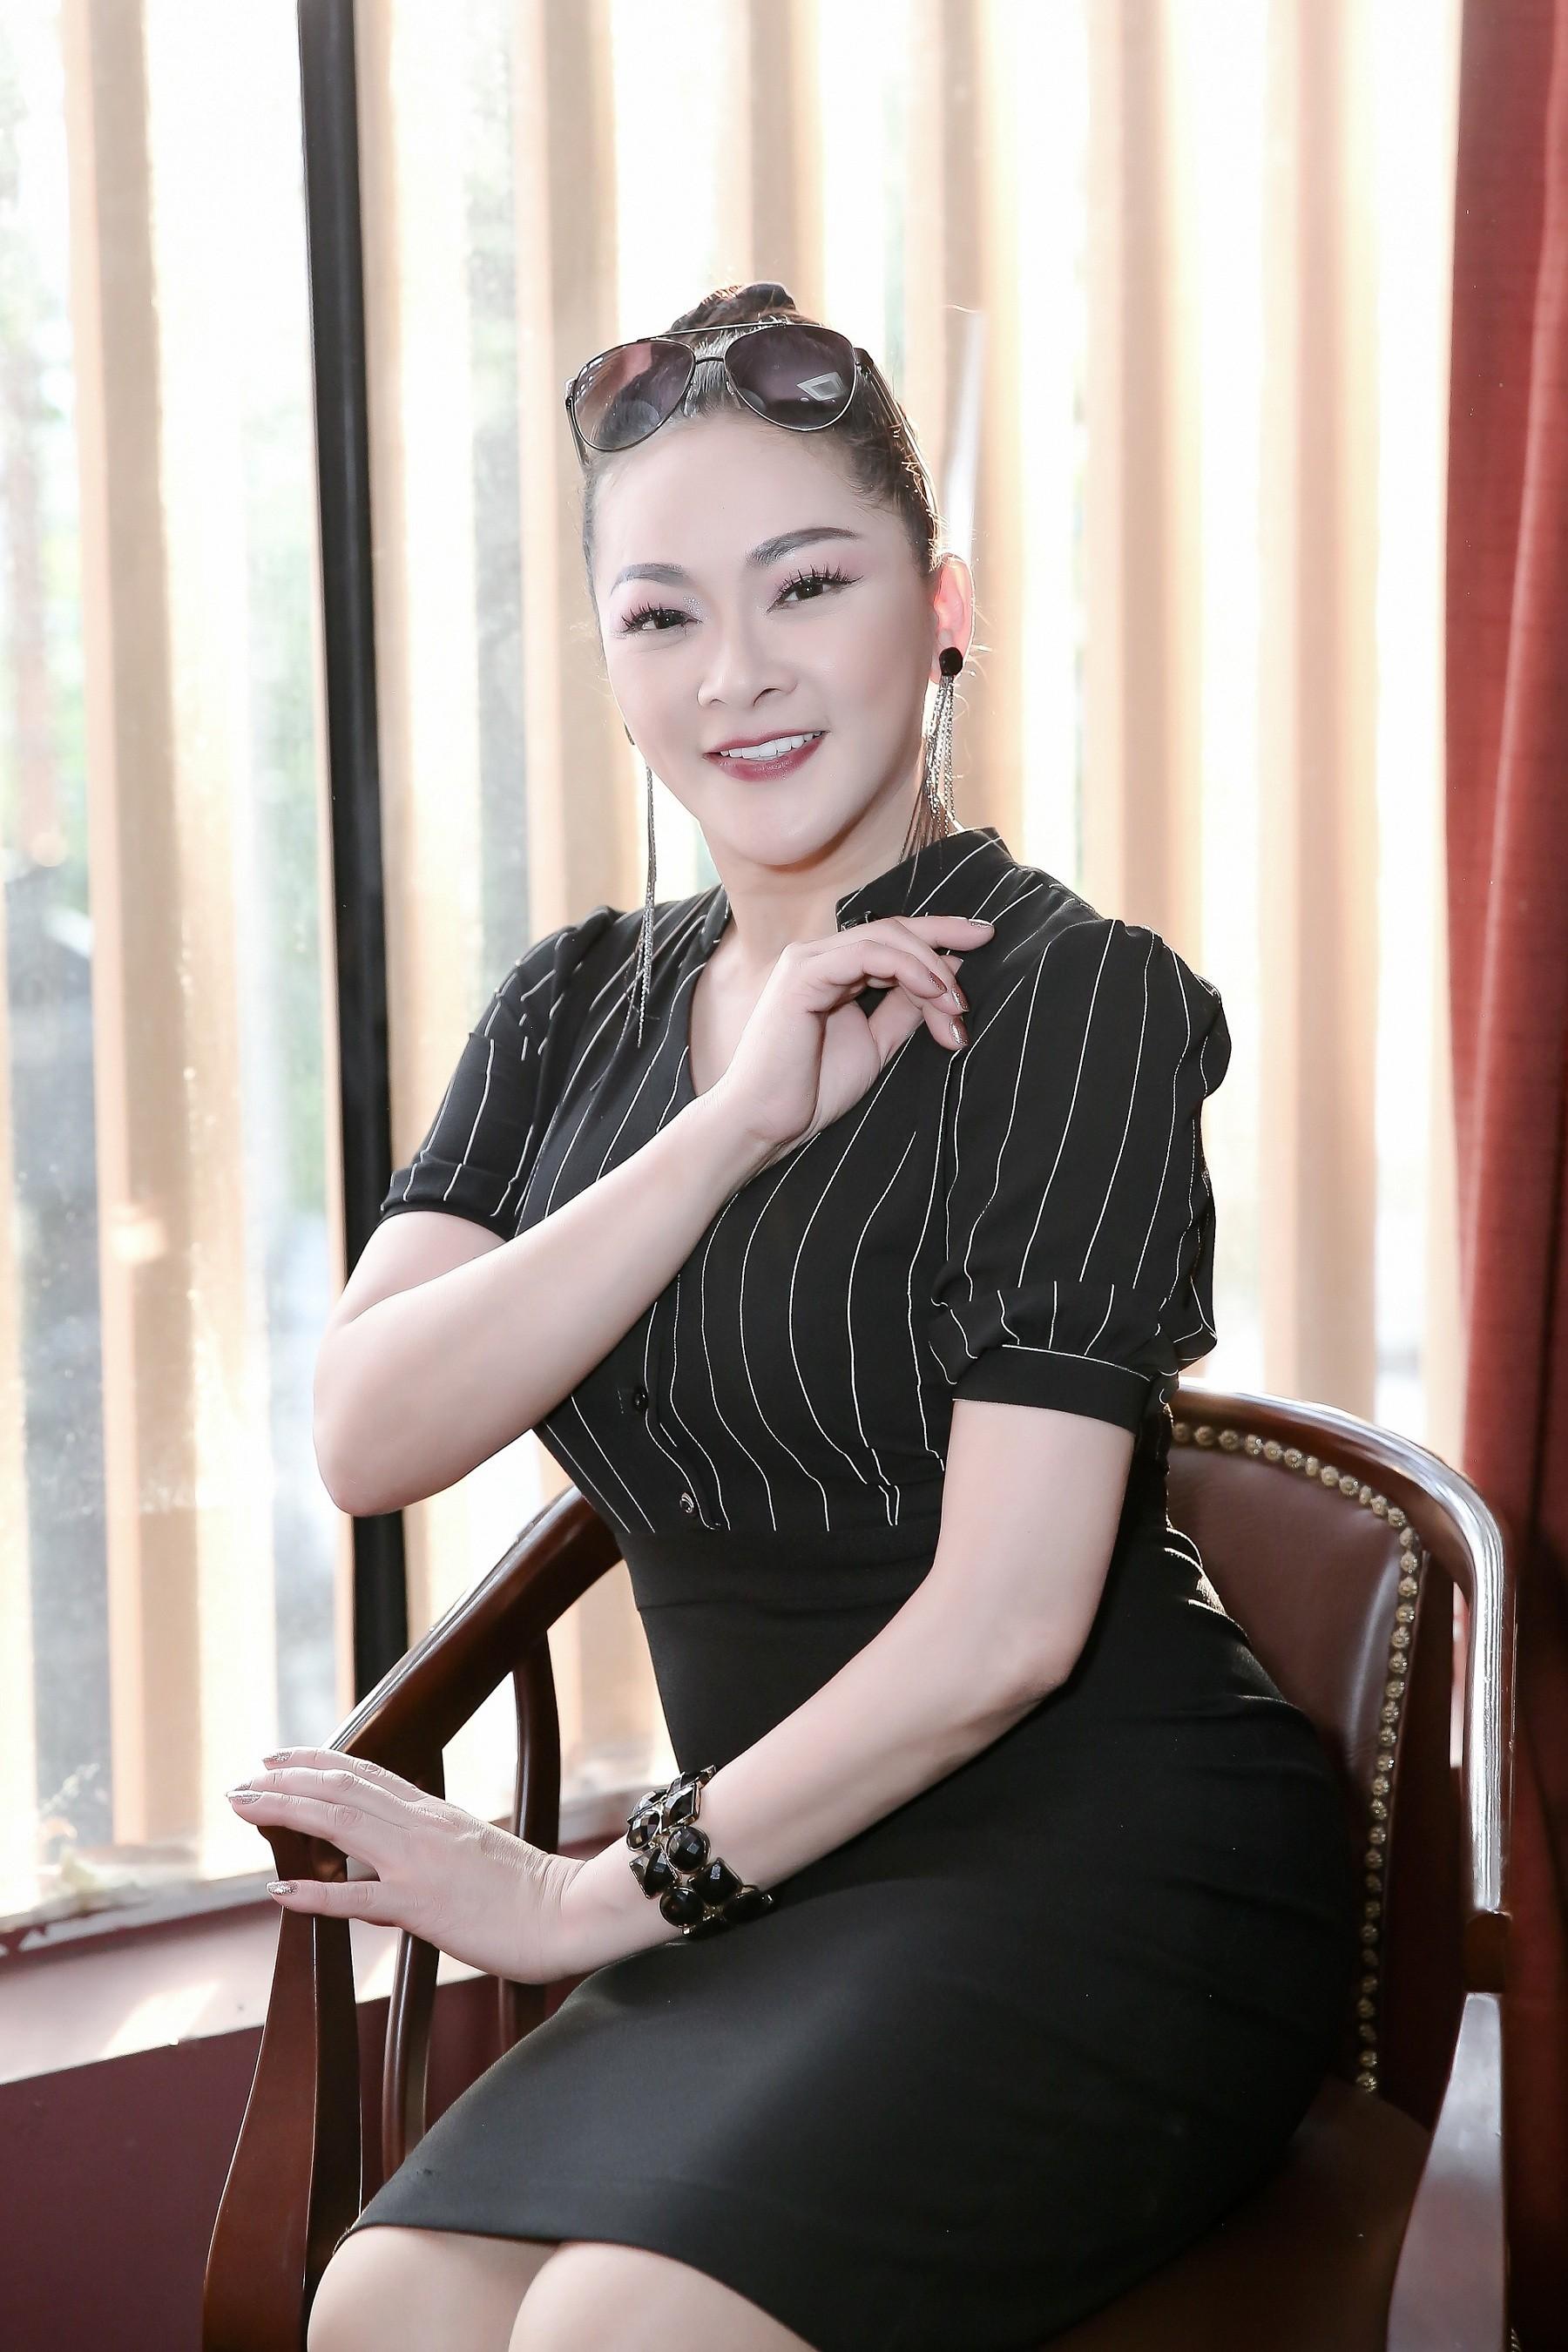 Sự kiện - Món quà đặc biệt Như Quỳnh gửi tới mẹ nhân ngày 8/3